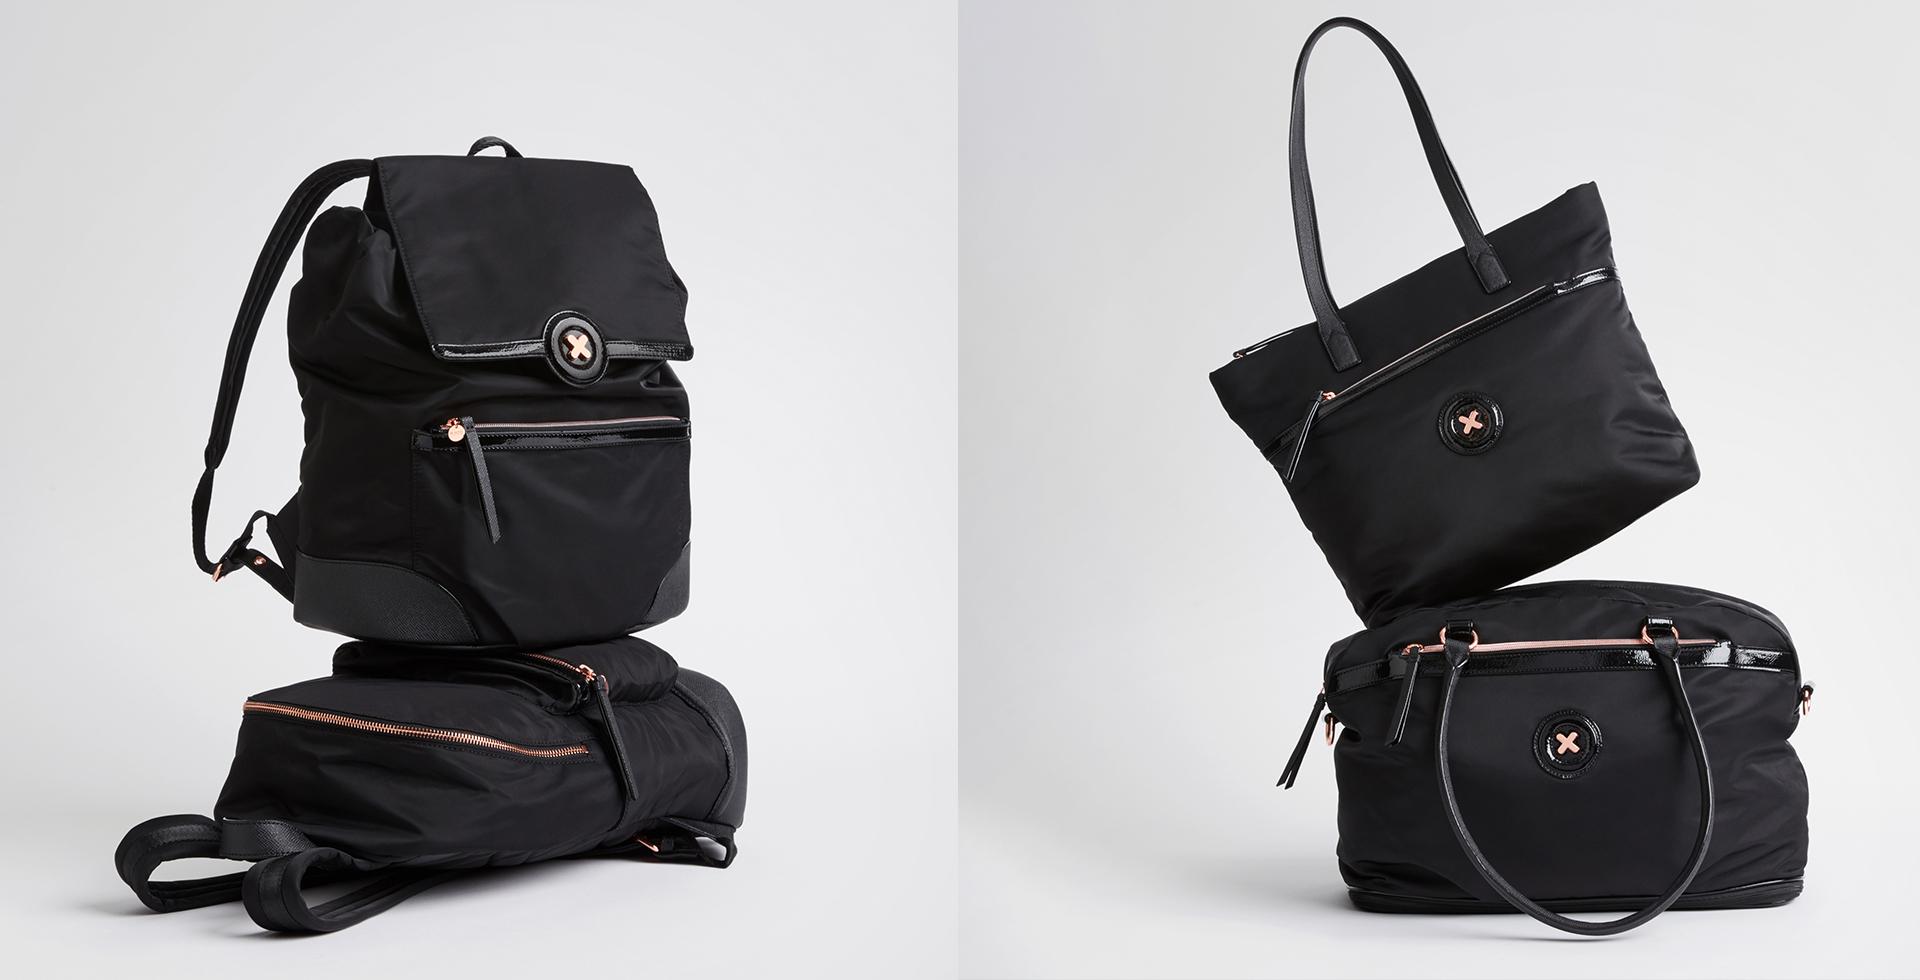 2c7e100fe9b MIMCO | Unique Bags, Accessories & Shoes For Women